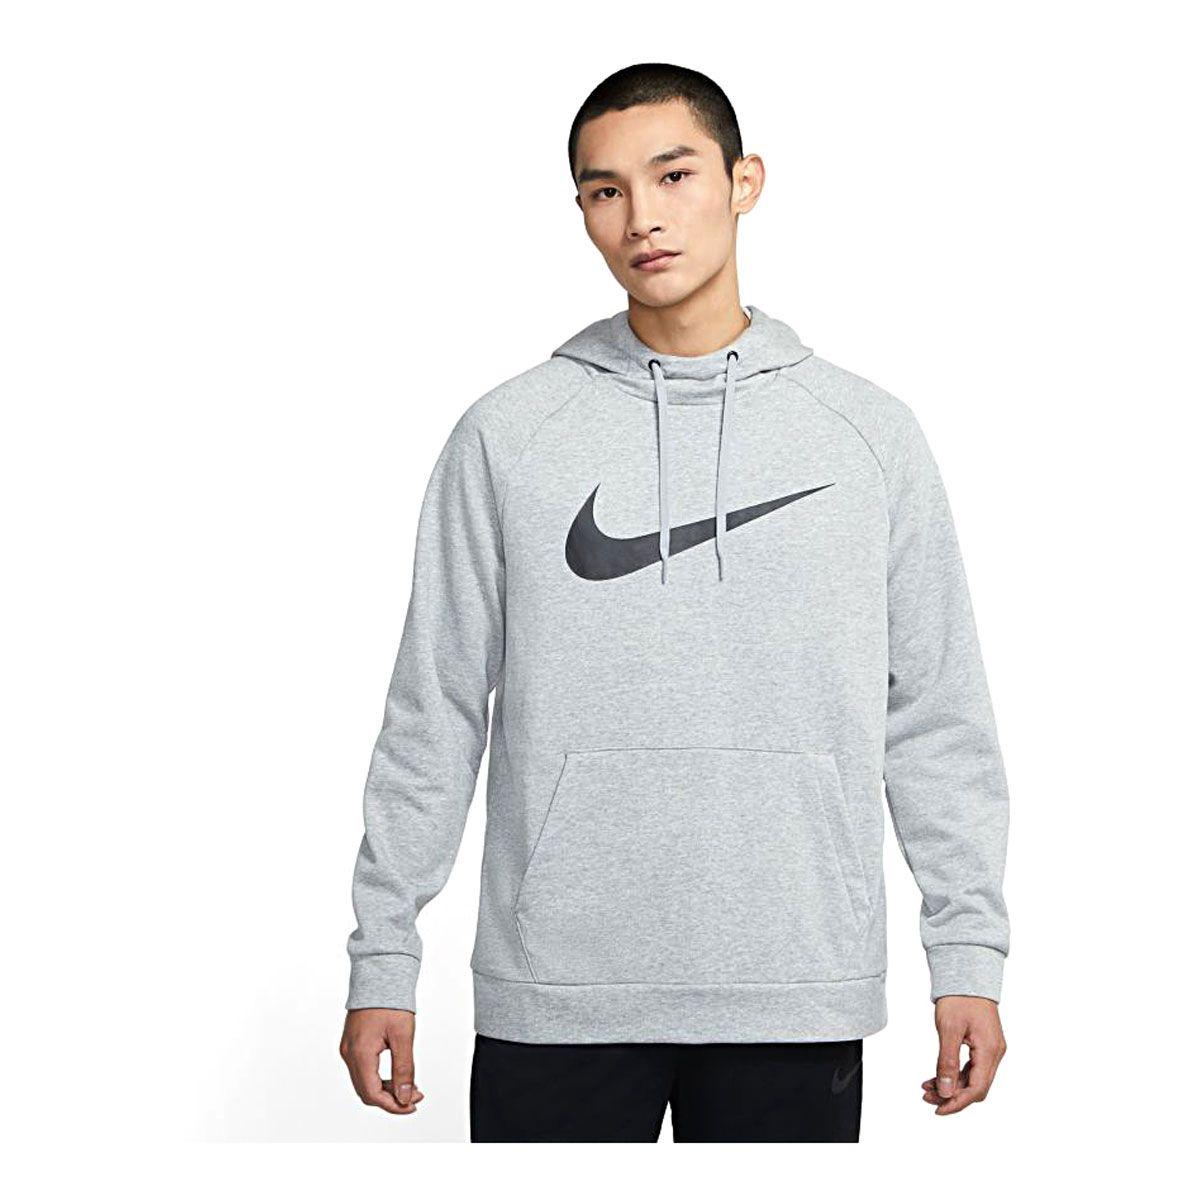 Nike Felpa Essential Dri-FIT Swoosh Uomo Grigio Nero